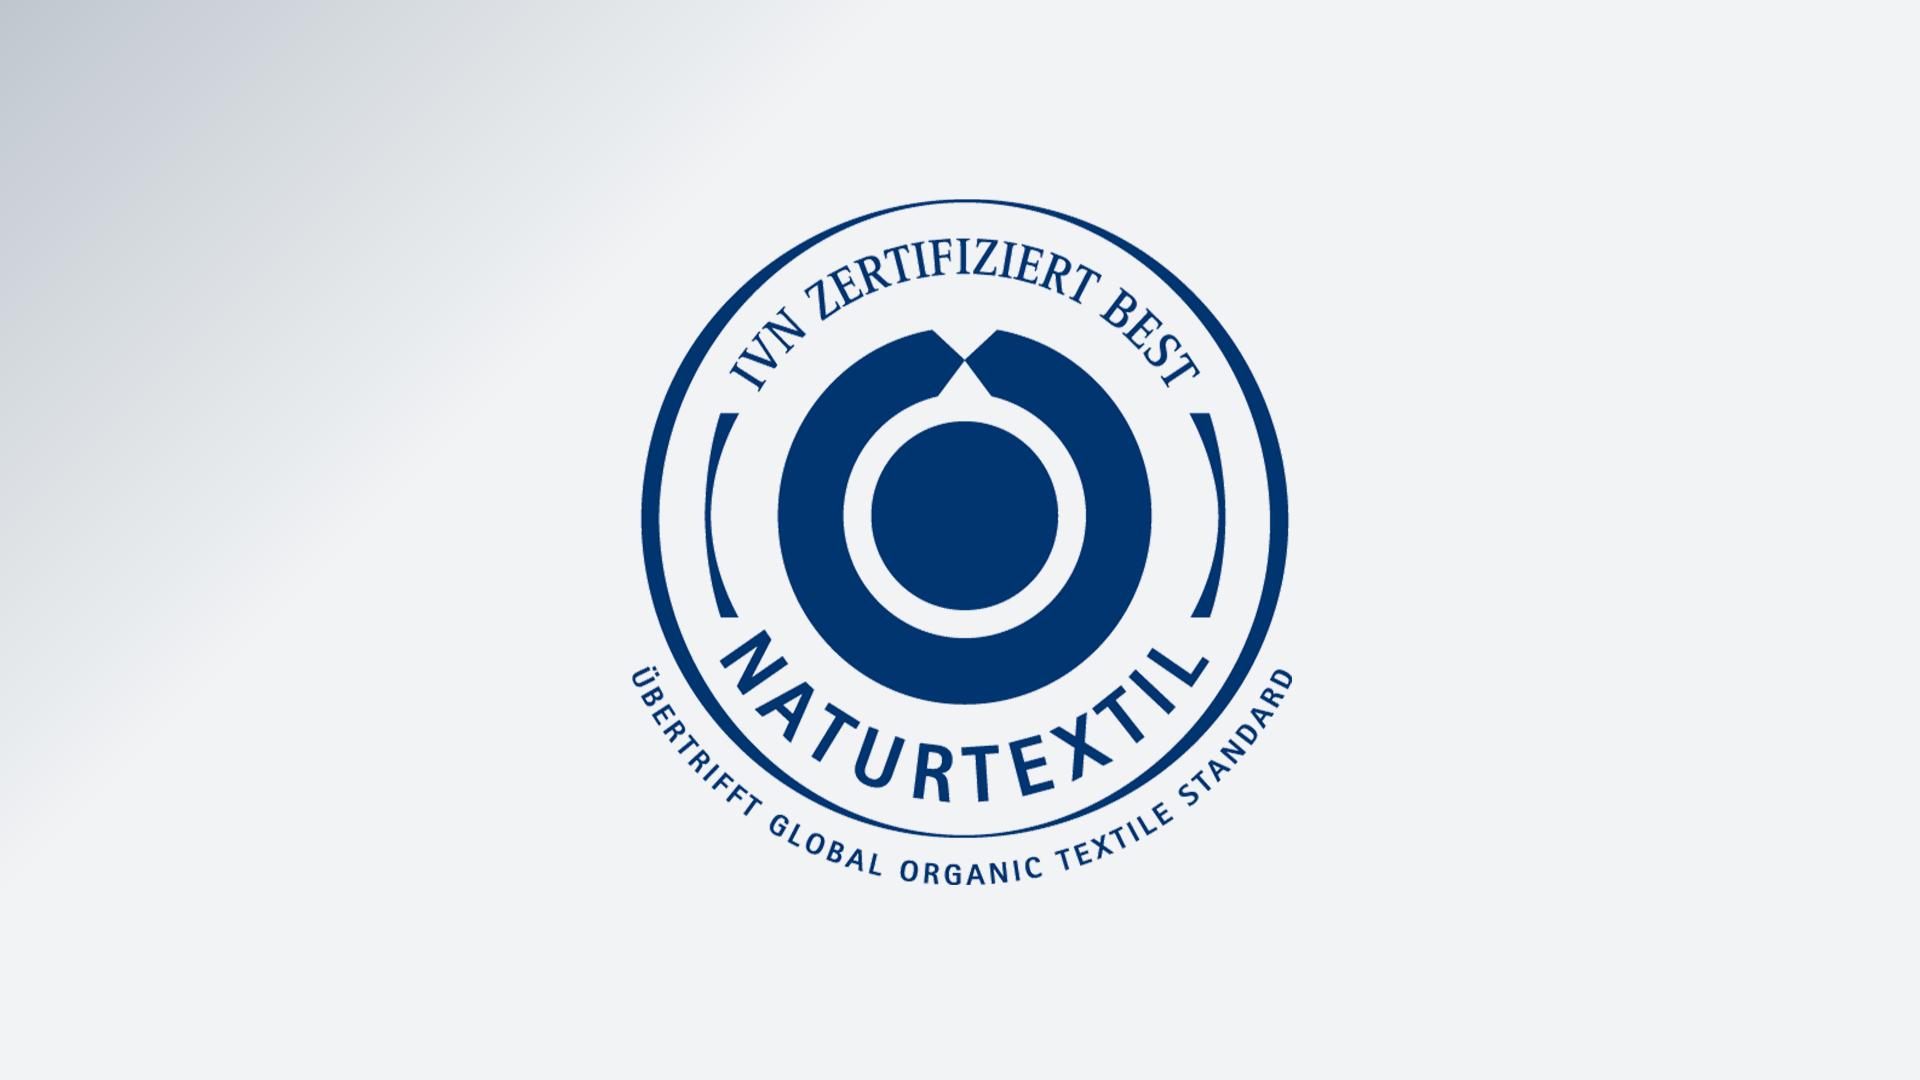 Знак Международной ассоциации производителей натурального текстиля IVN Best